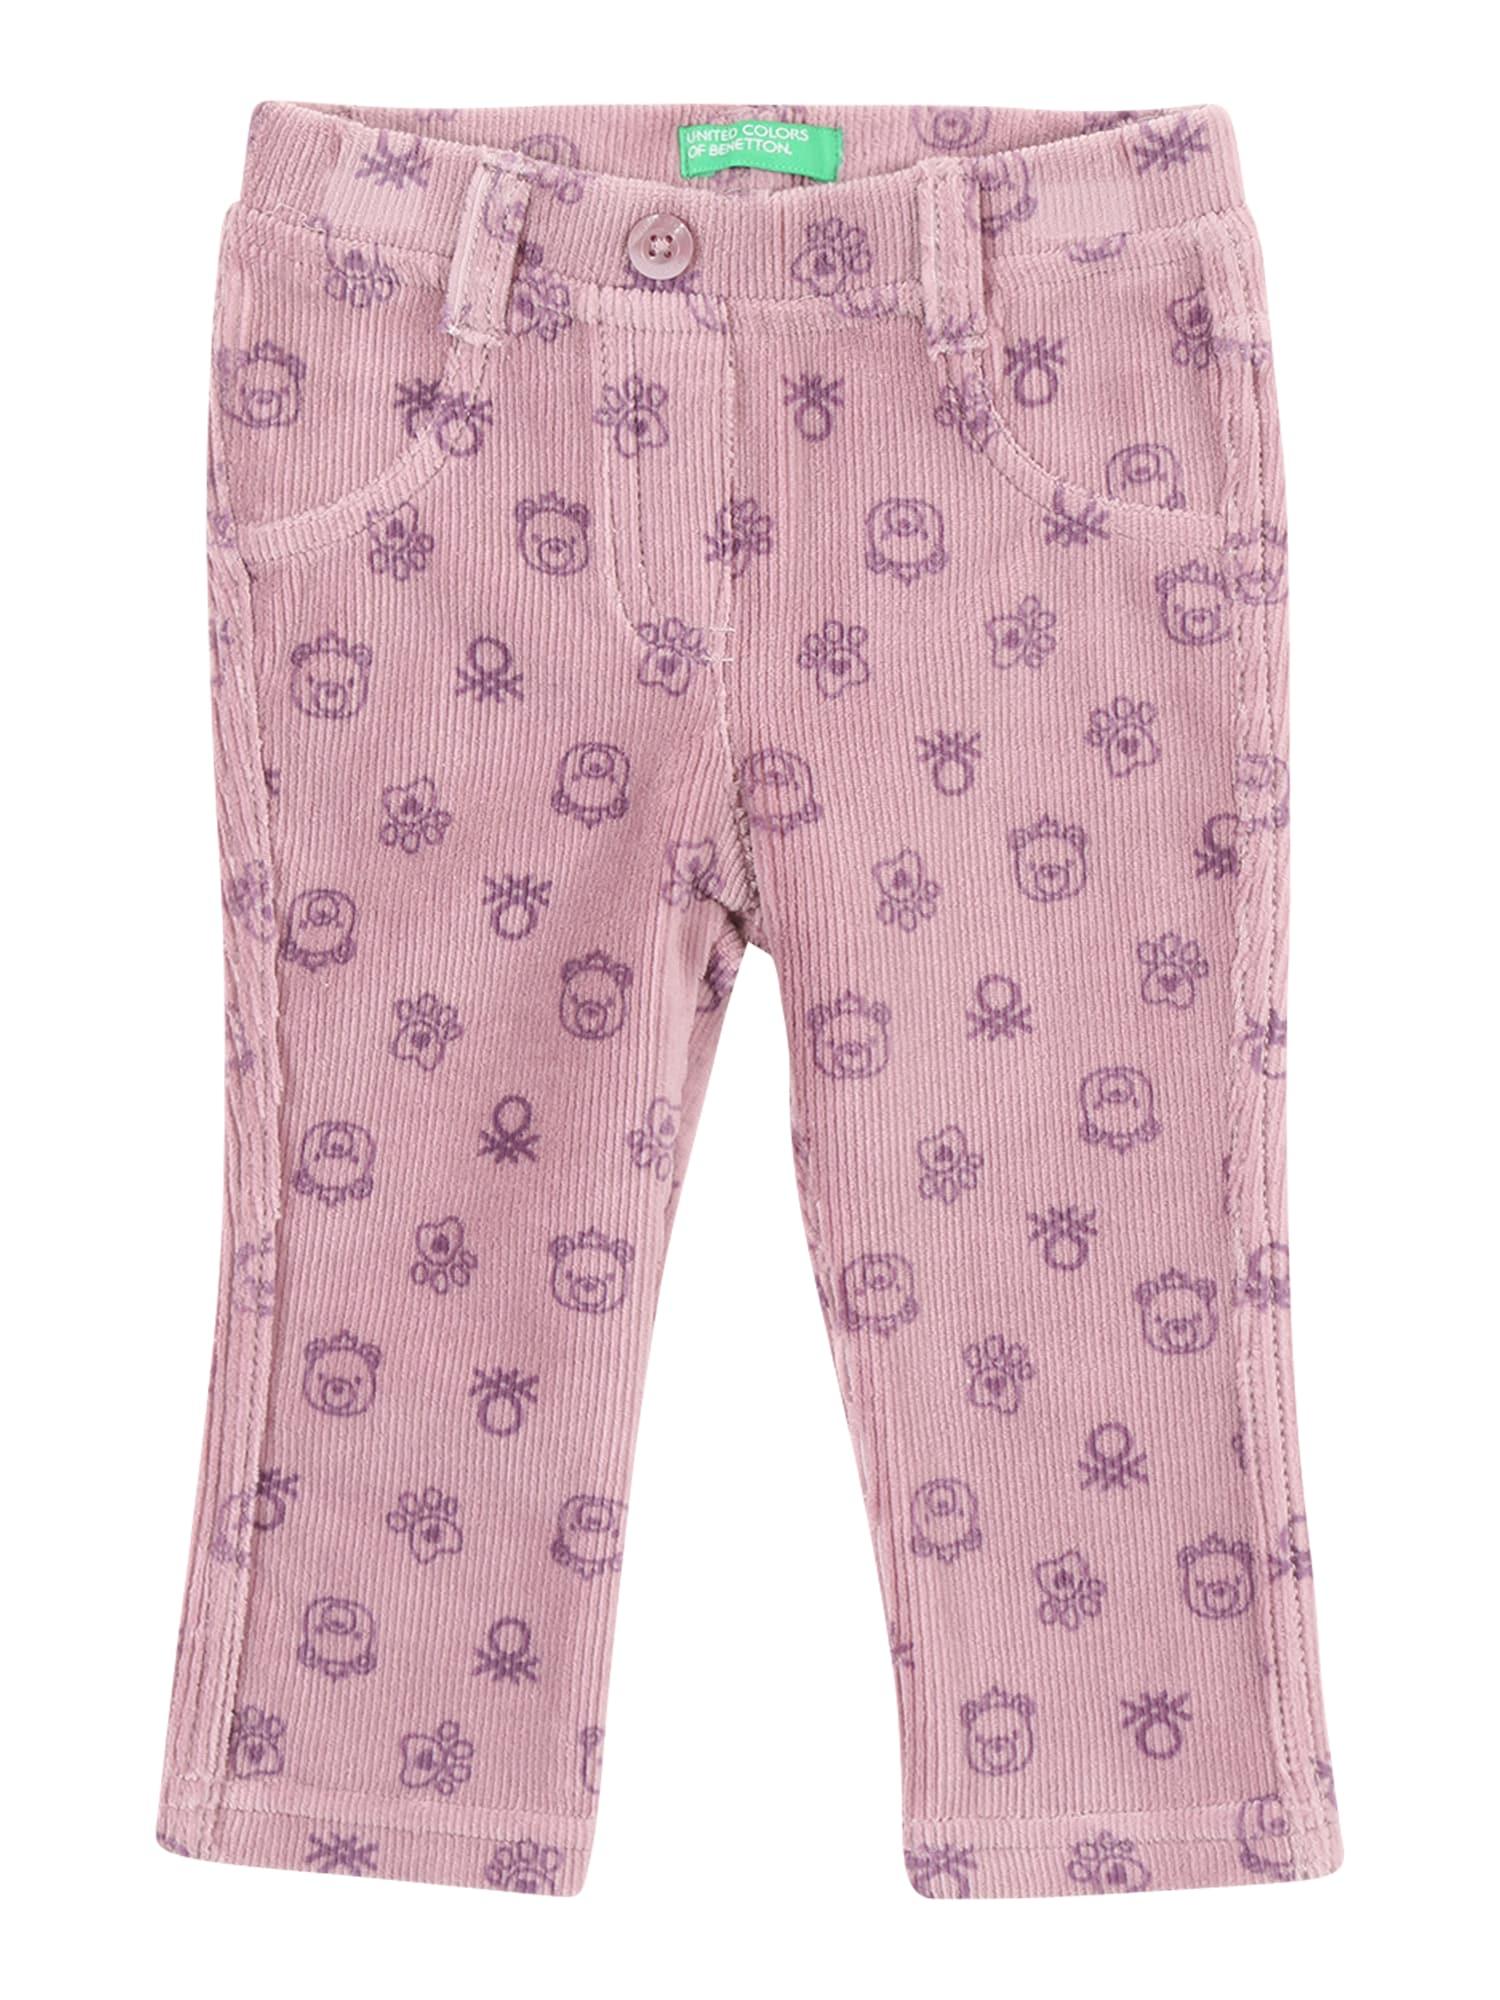 UNITED COLORS OF BENETTON Džinsai pastelinė rožinė / purpurinė